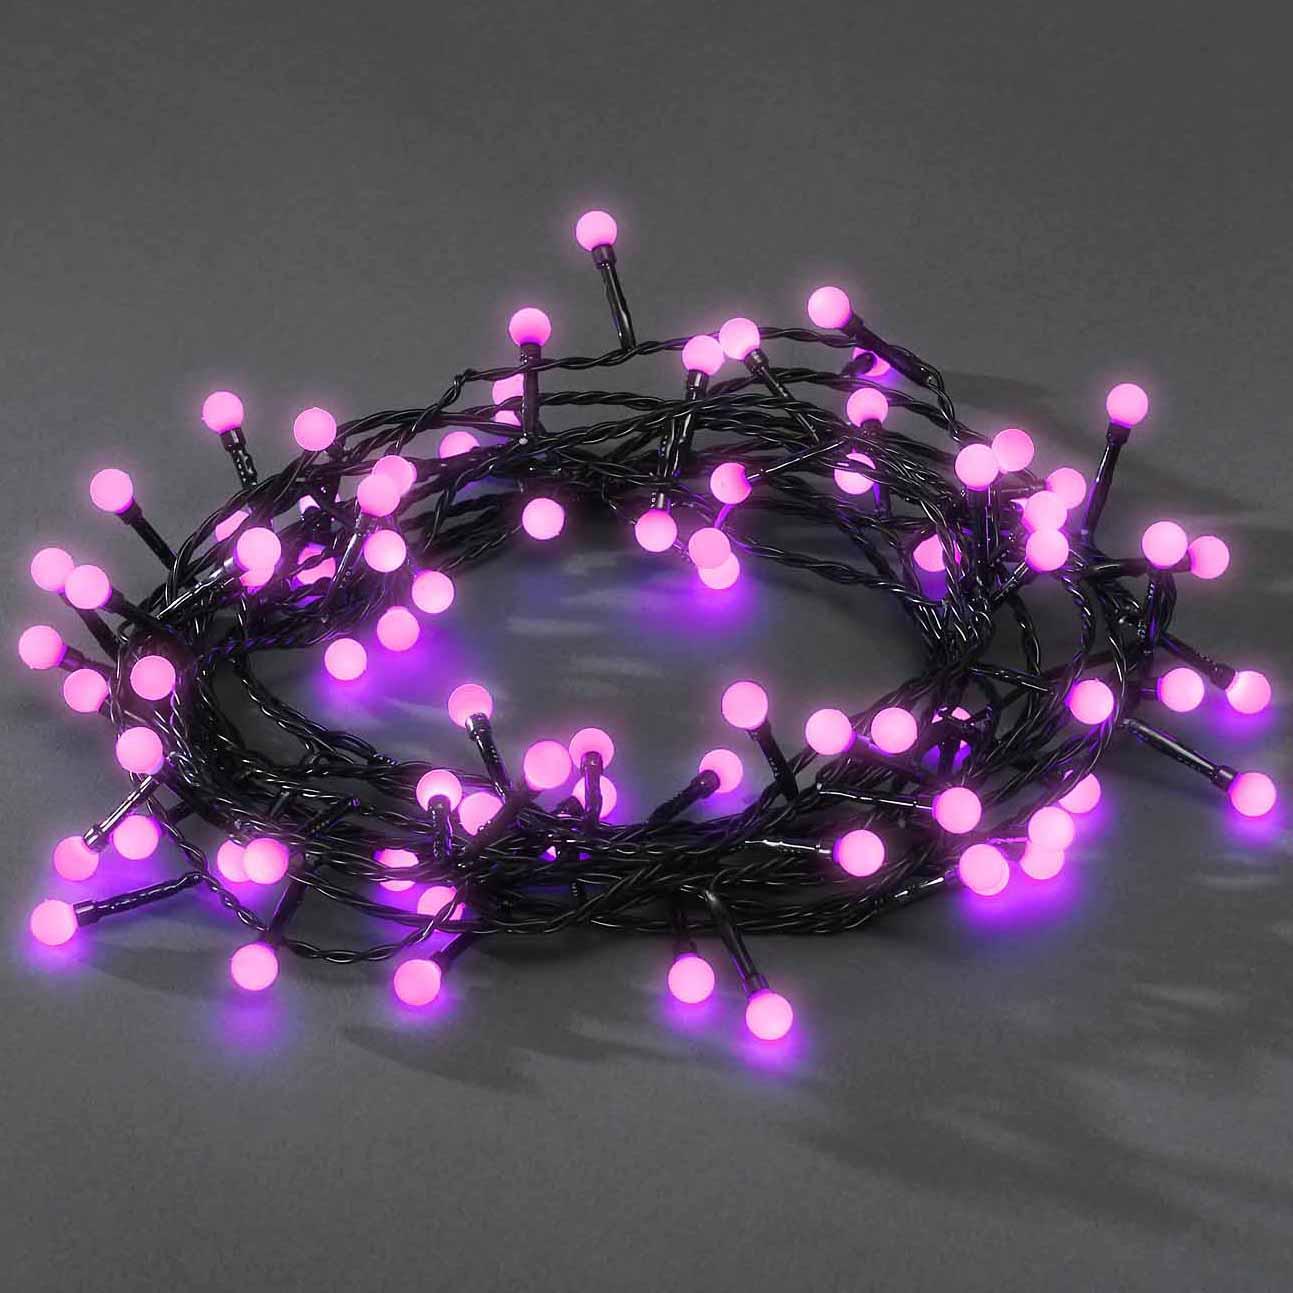 Konstsmide LED-Lichterkette, 80 runde Dioden, rosa 3691-457